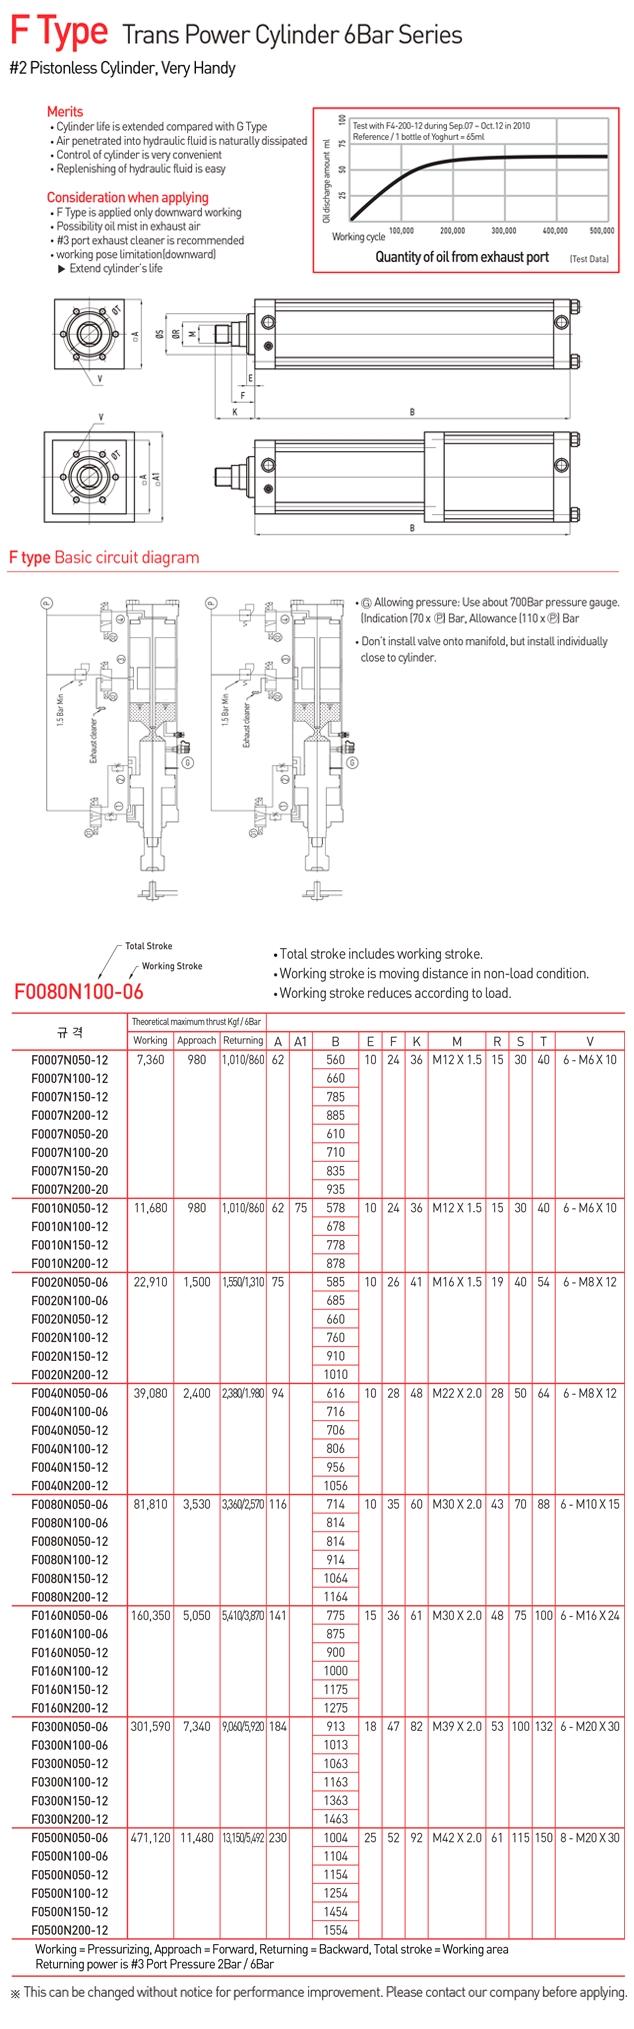 FEG TECH Trans Power Cylinder 6 Bar Series F Type